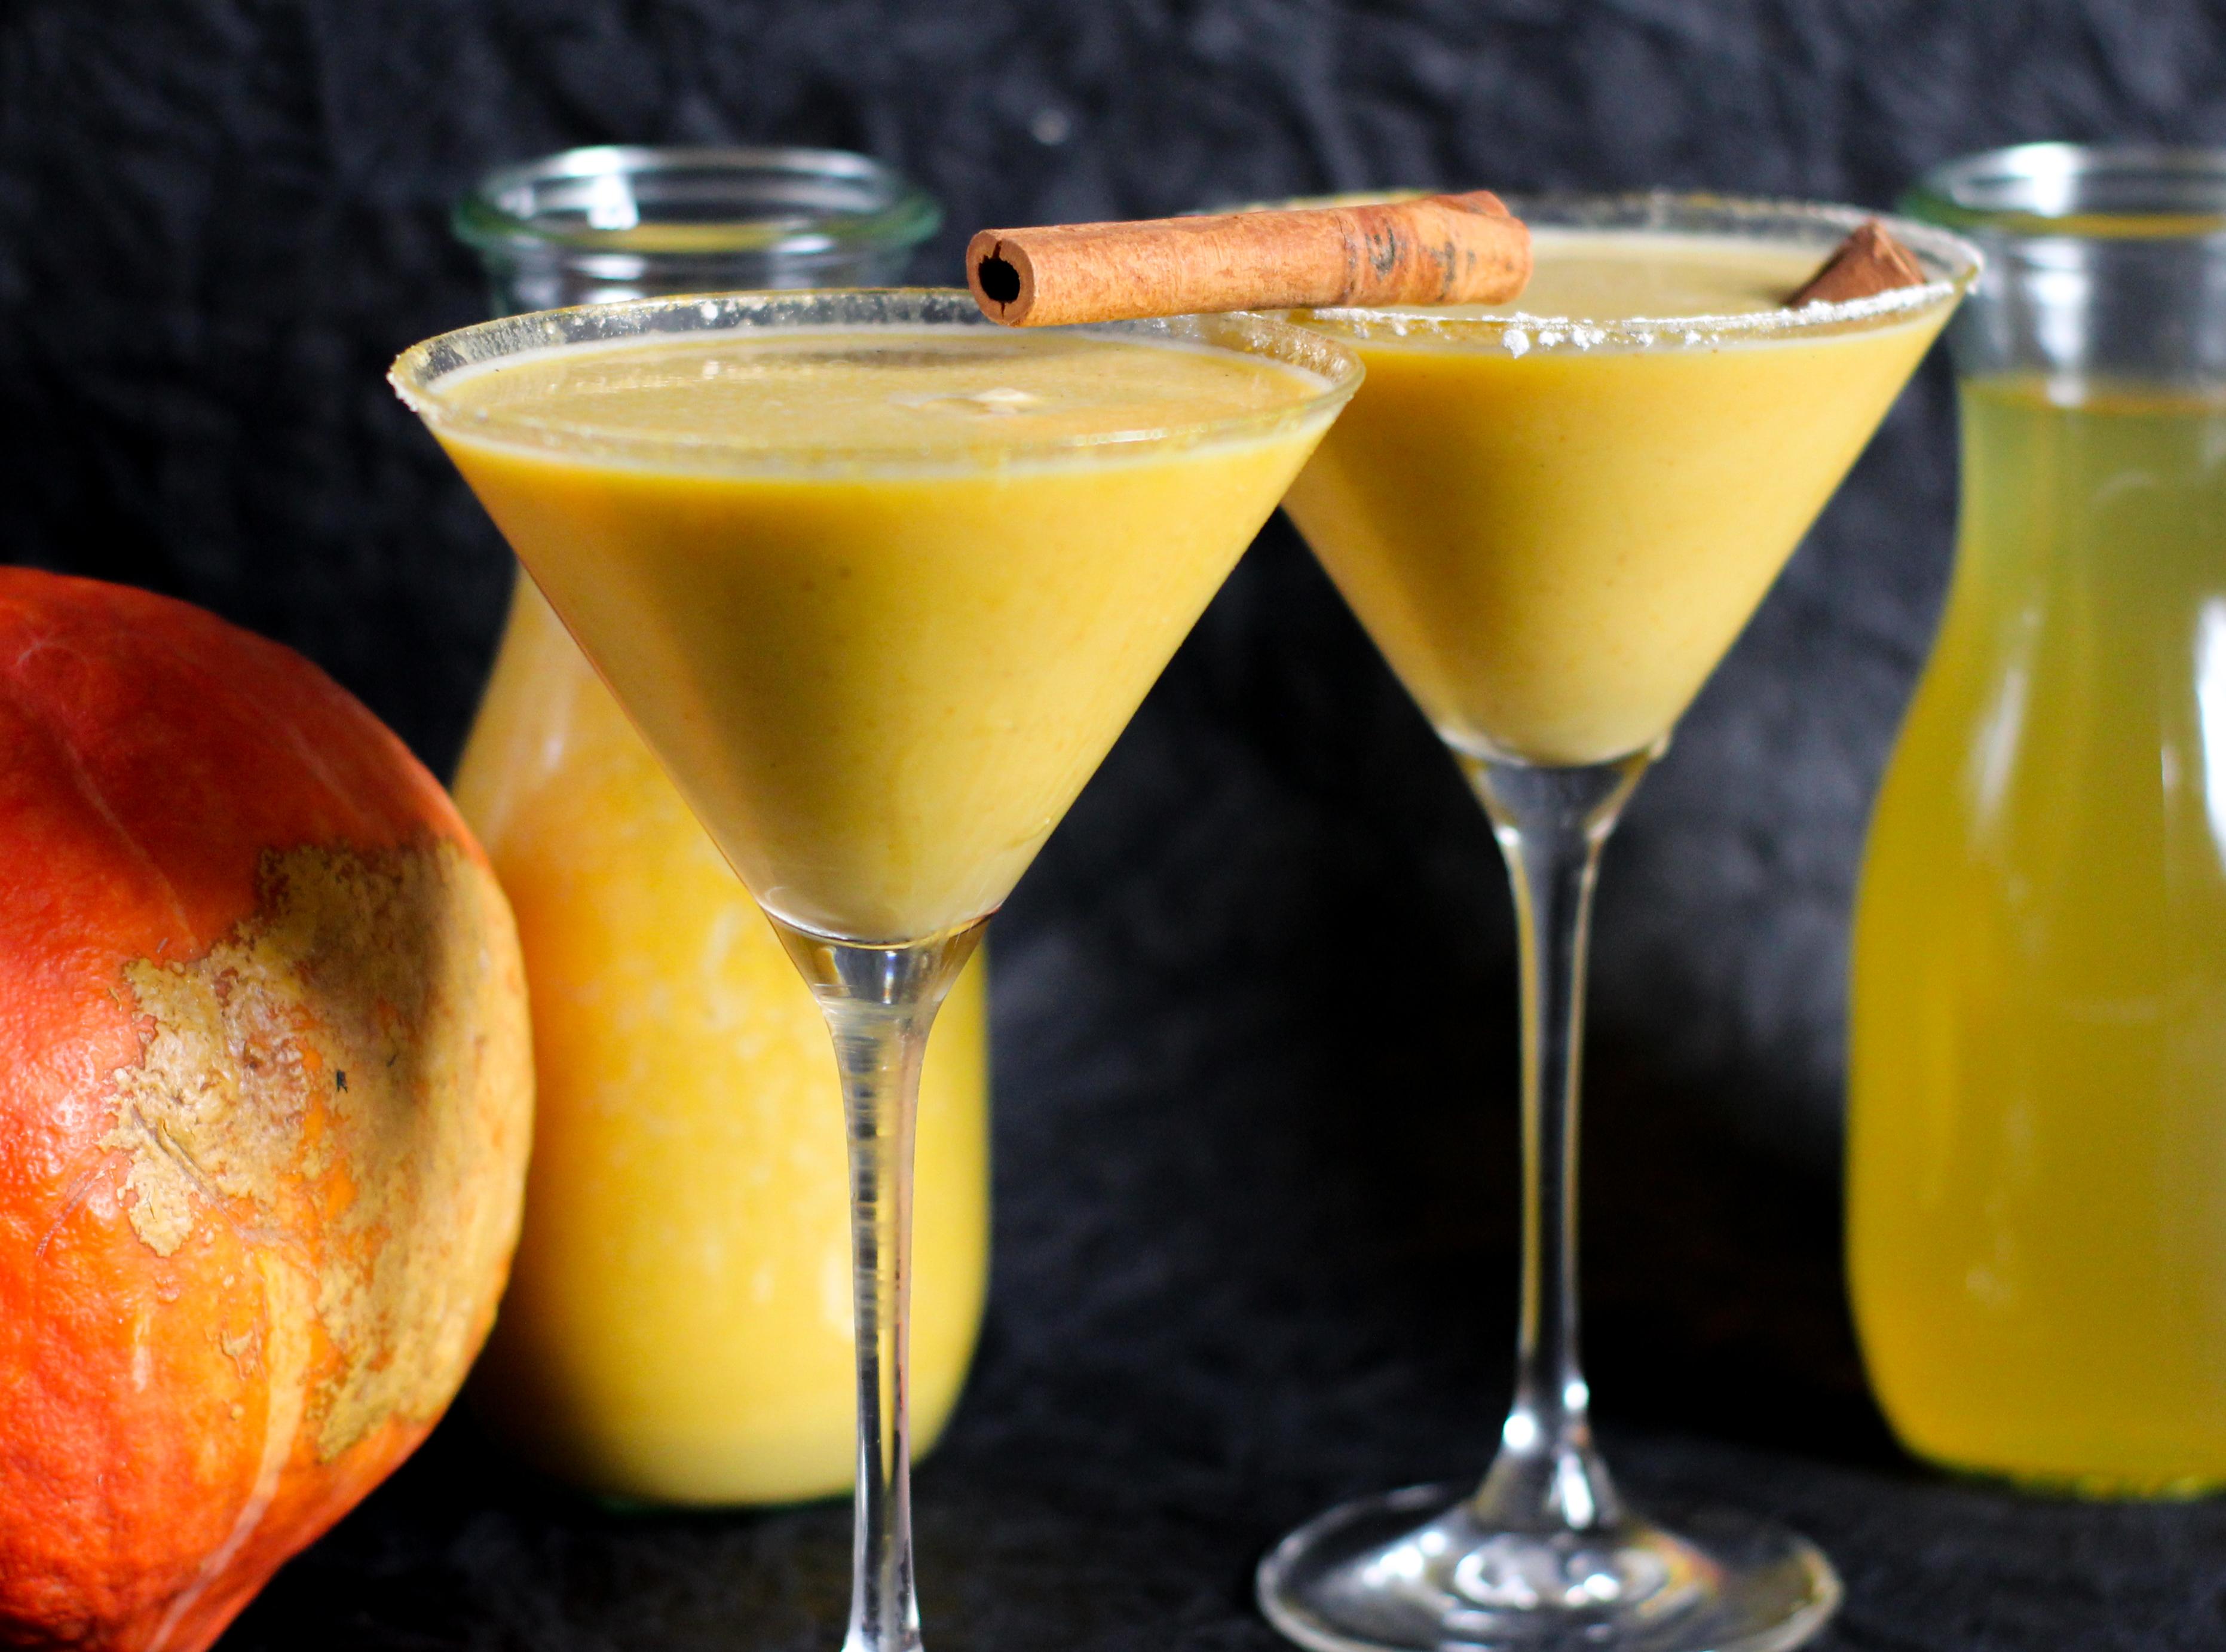 Rezept für Kürbis Vodka und dann einen Kürbis Martini mit dem Kürbis Vodka